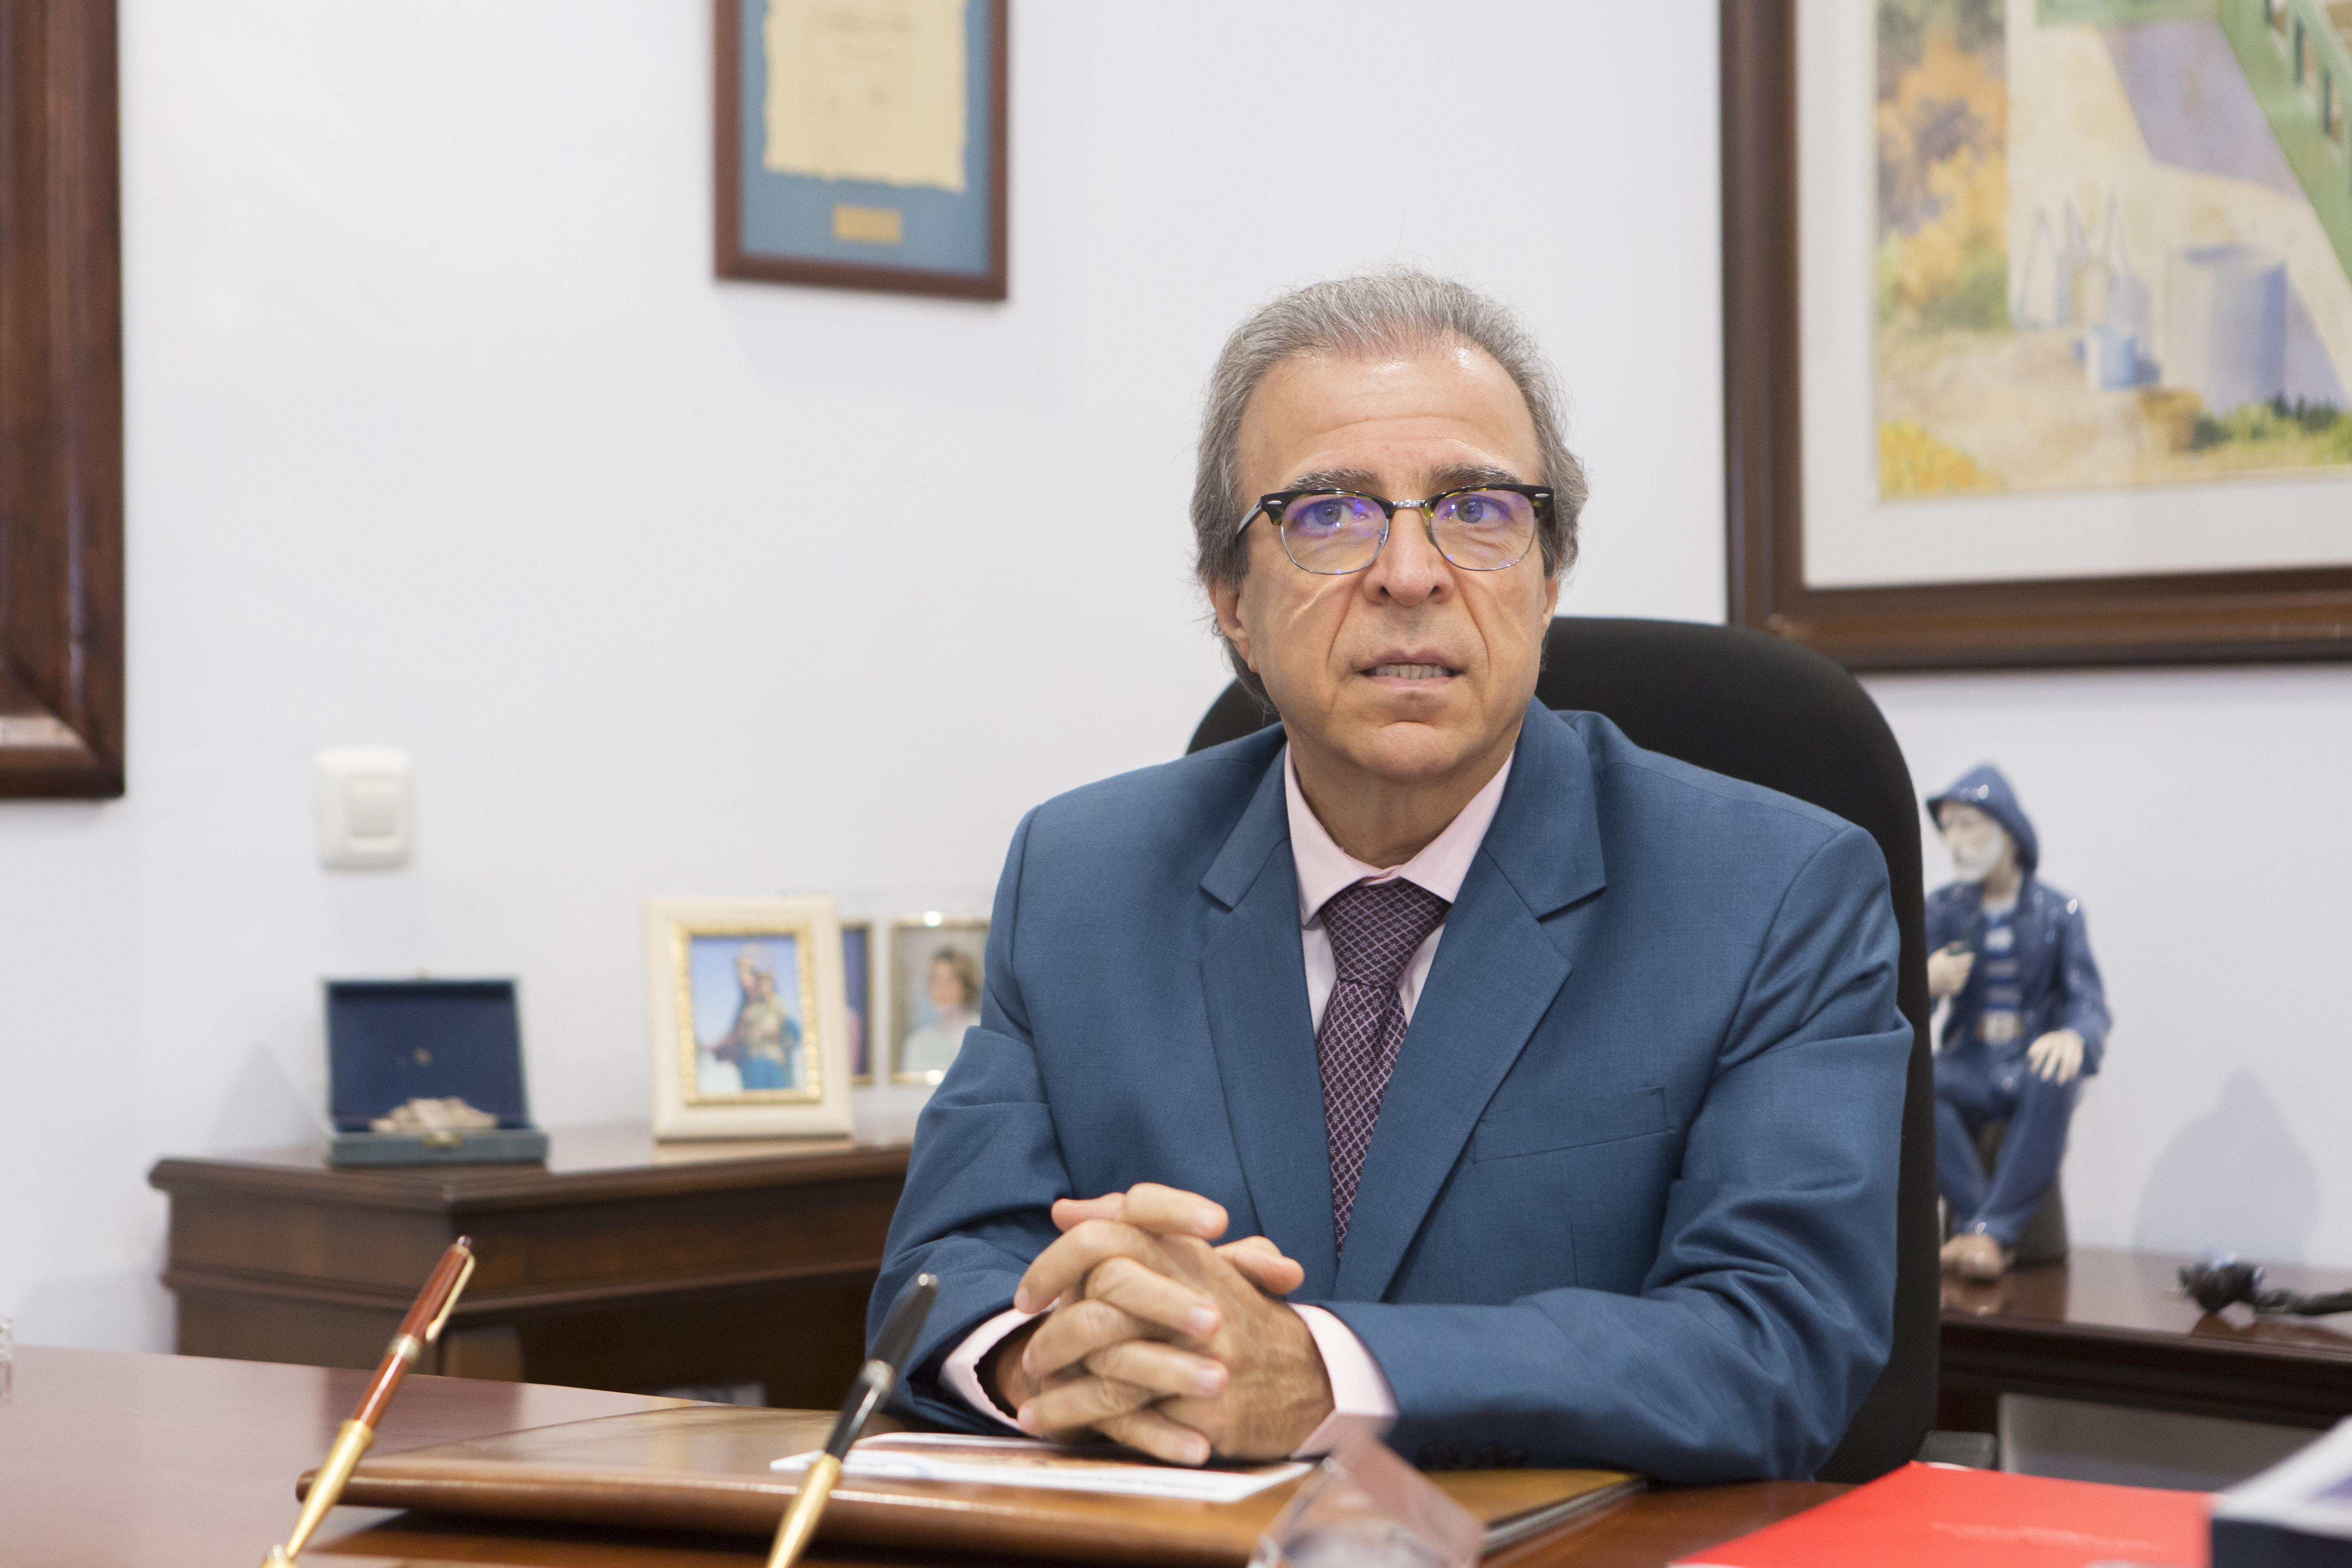 El Dr. Vicente Rodríguez participa en el Congreso Anual de la Sociedad Española de Oftalmología